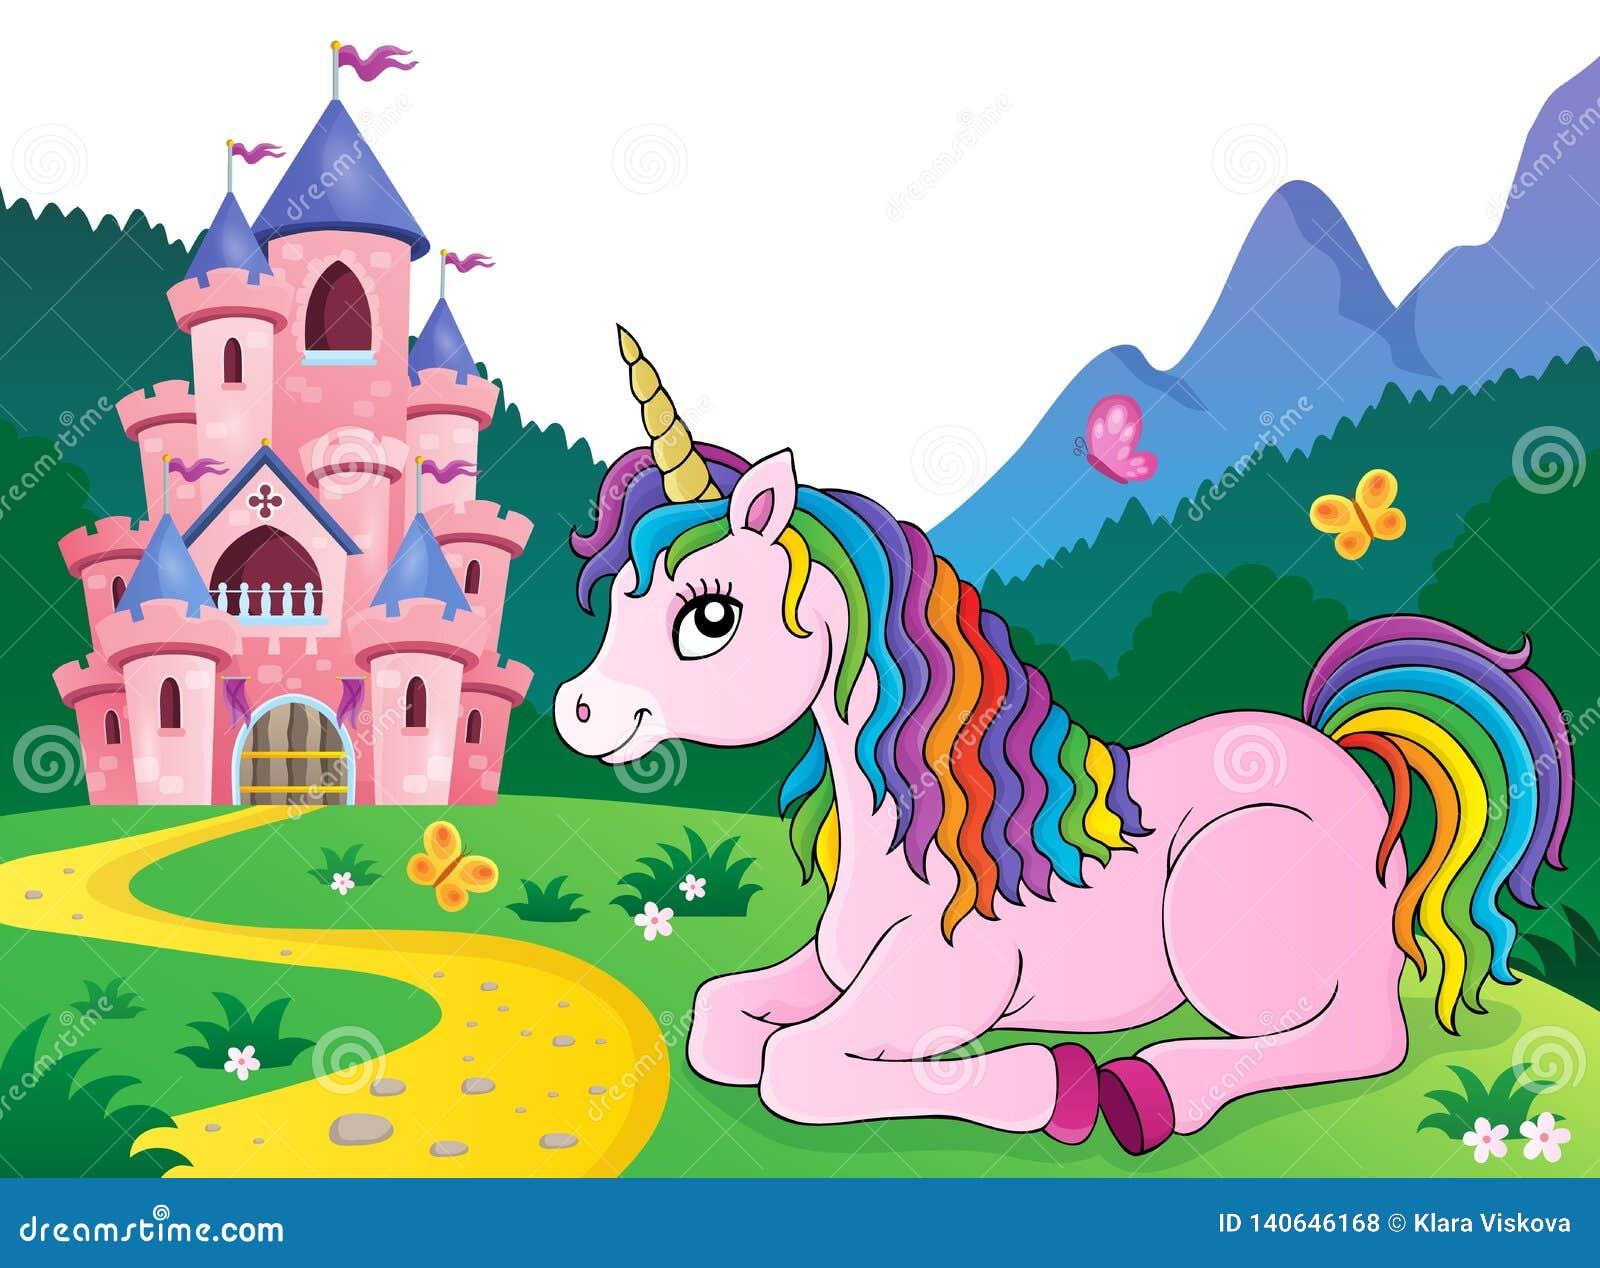 Lying unicorn theme image 4